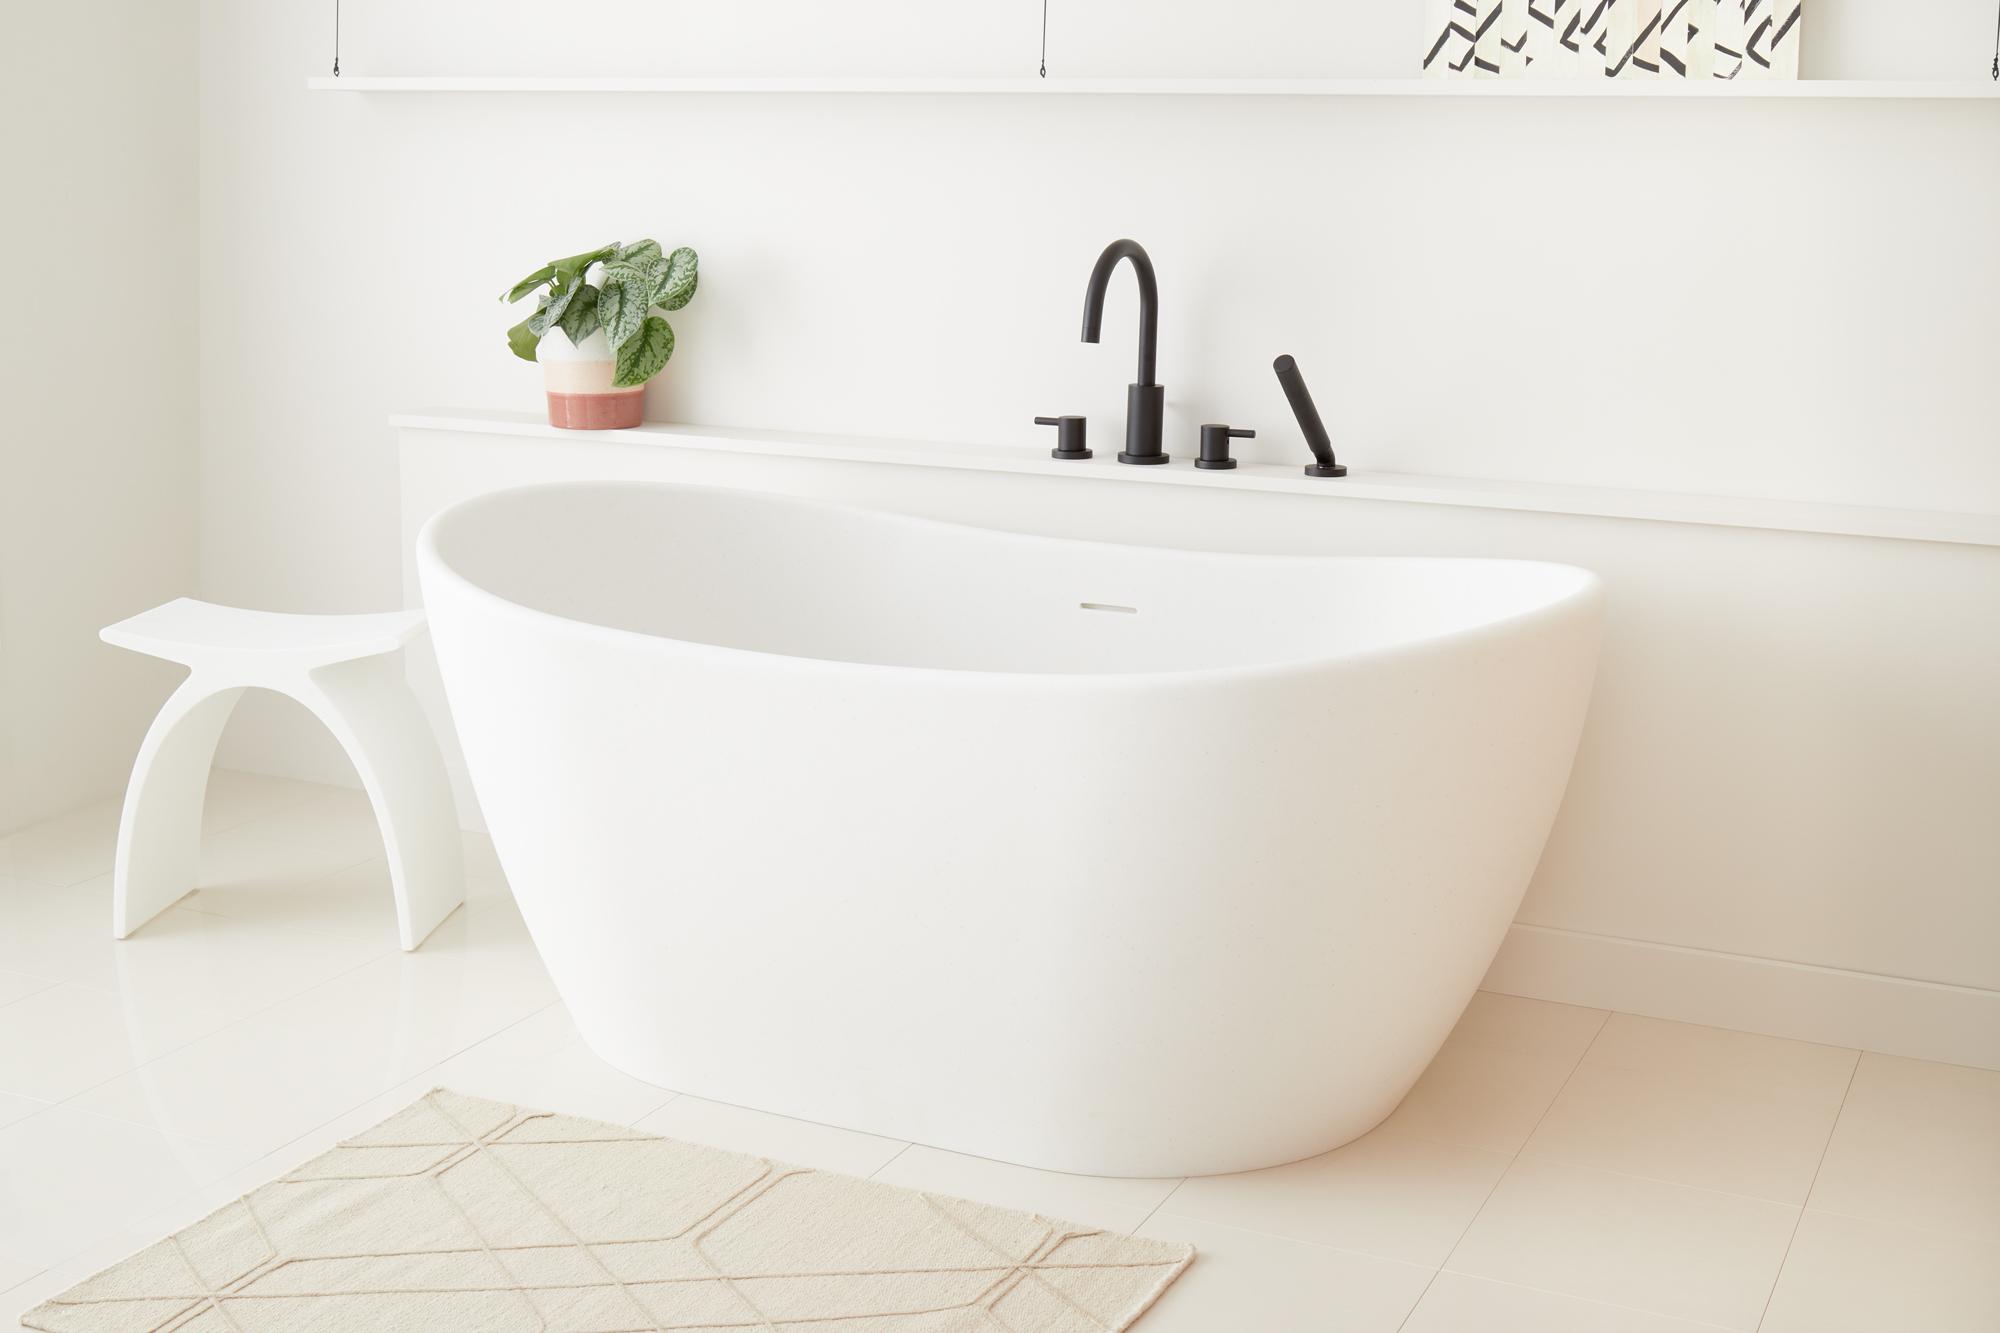 sixtysix signature hardware lagom tub